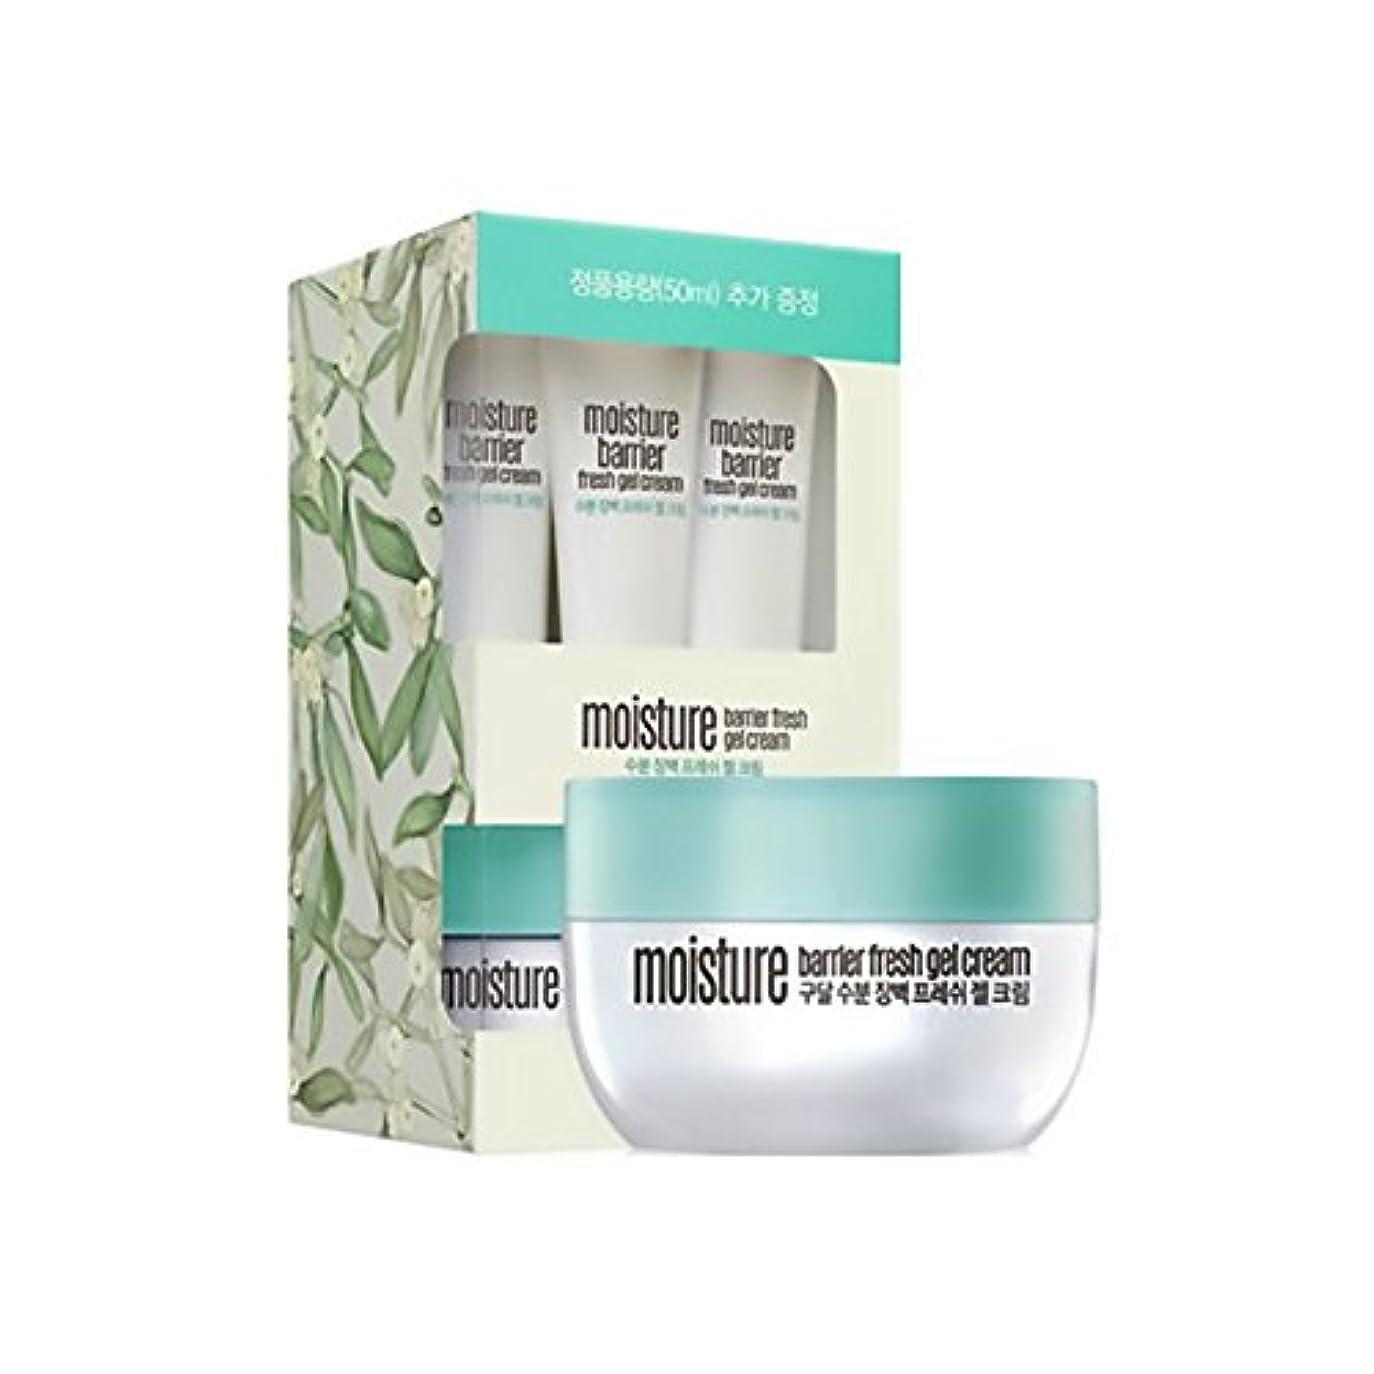 プレーヤー革新呼び出すgoodal moisture barrier fresh gel cream set